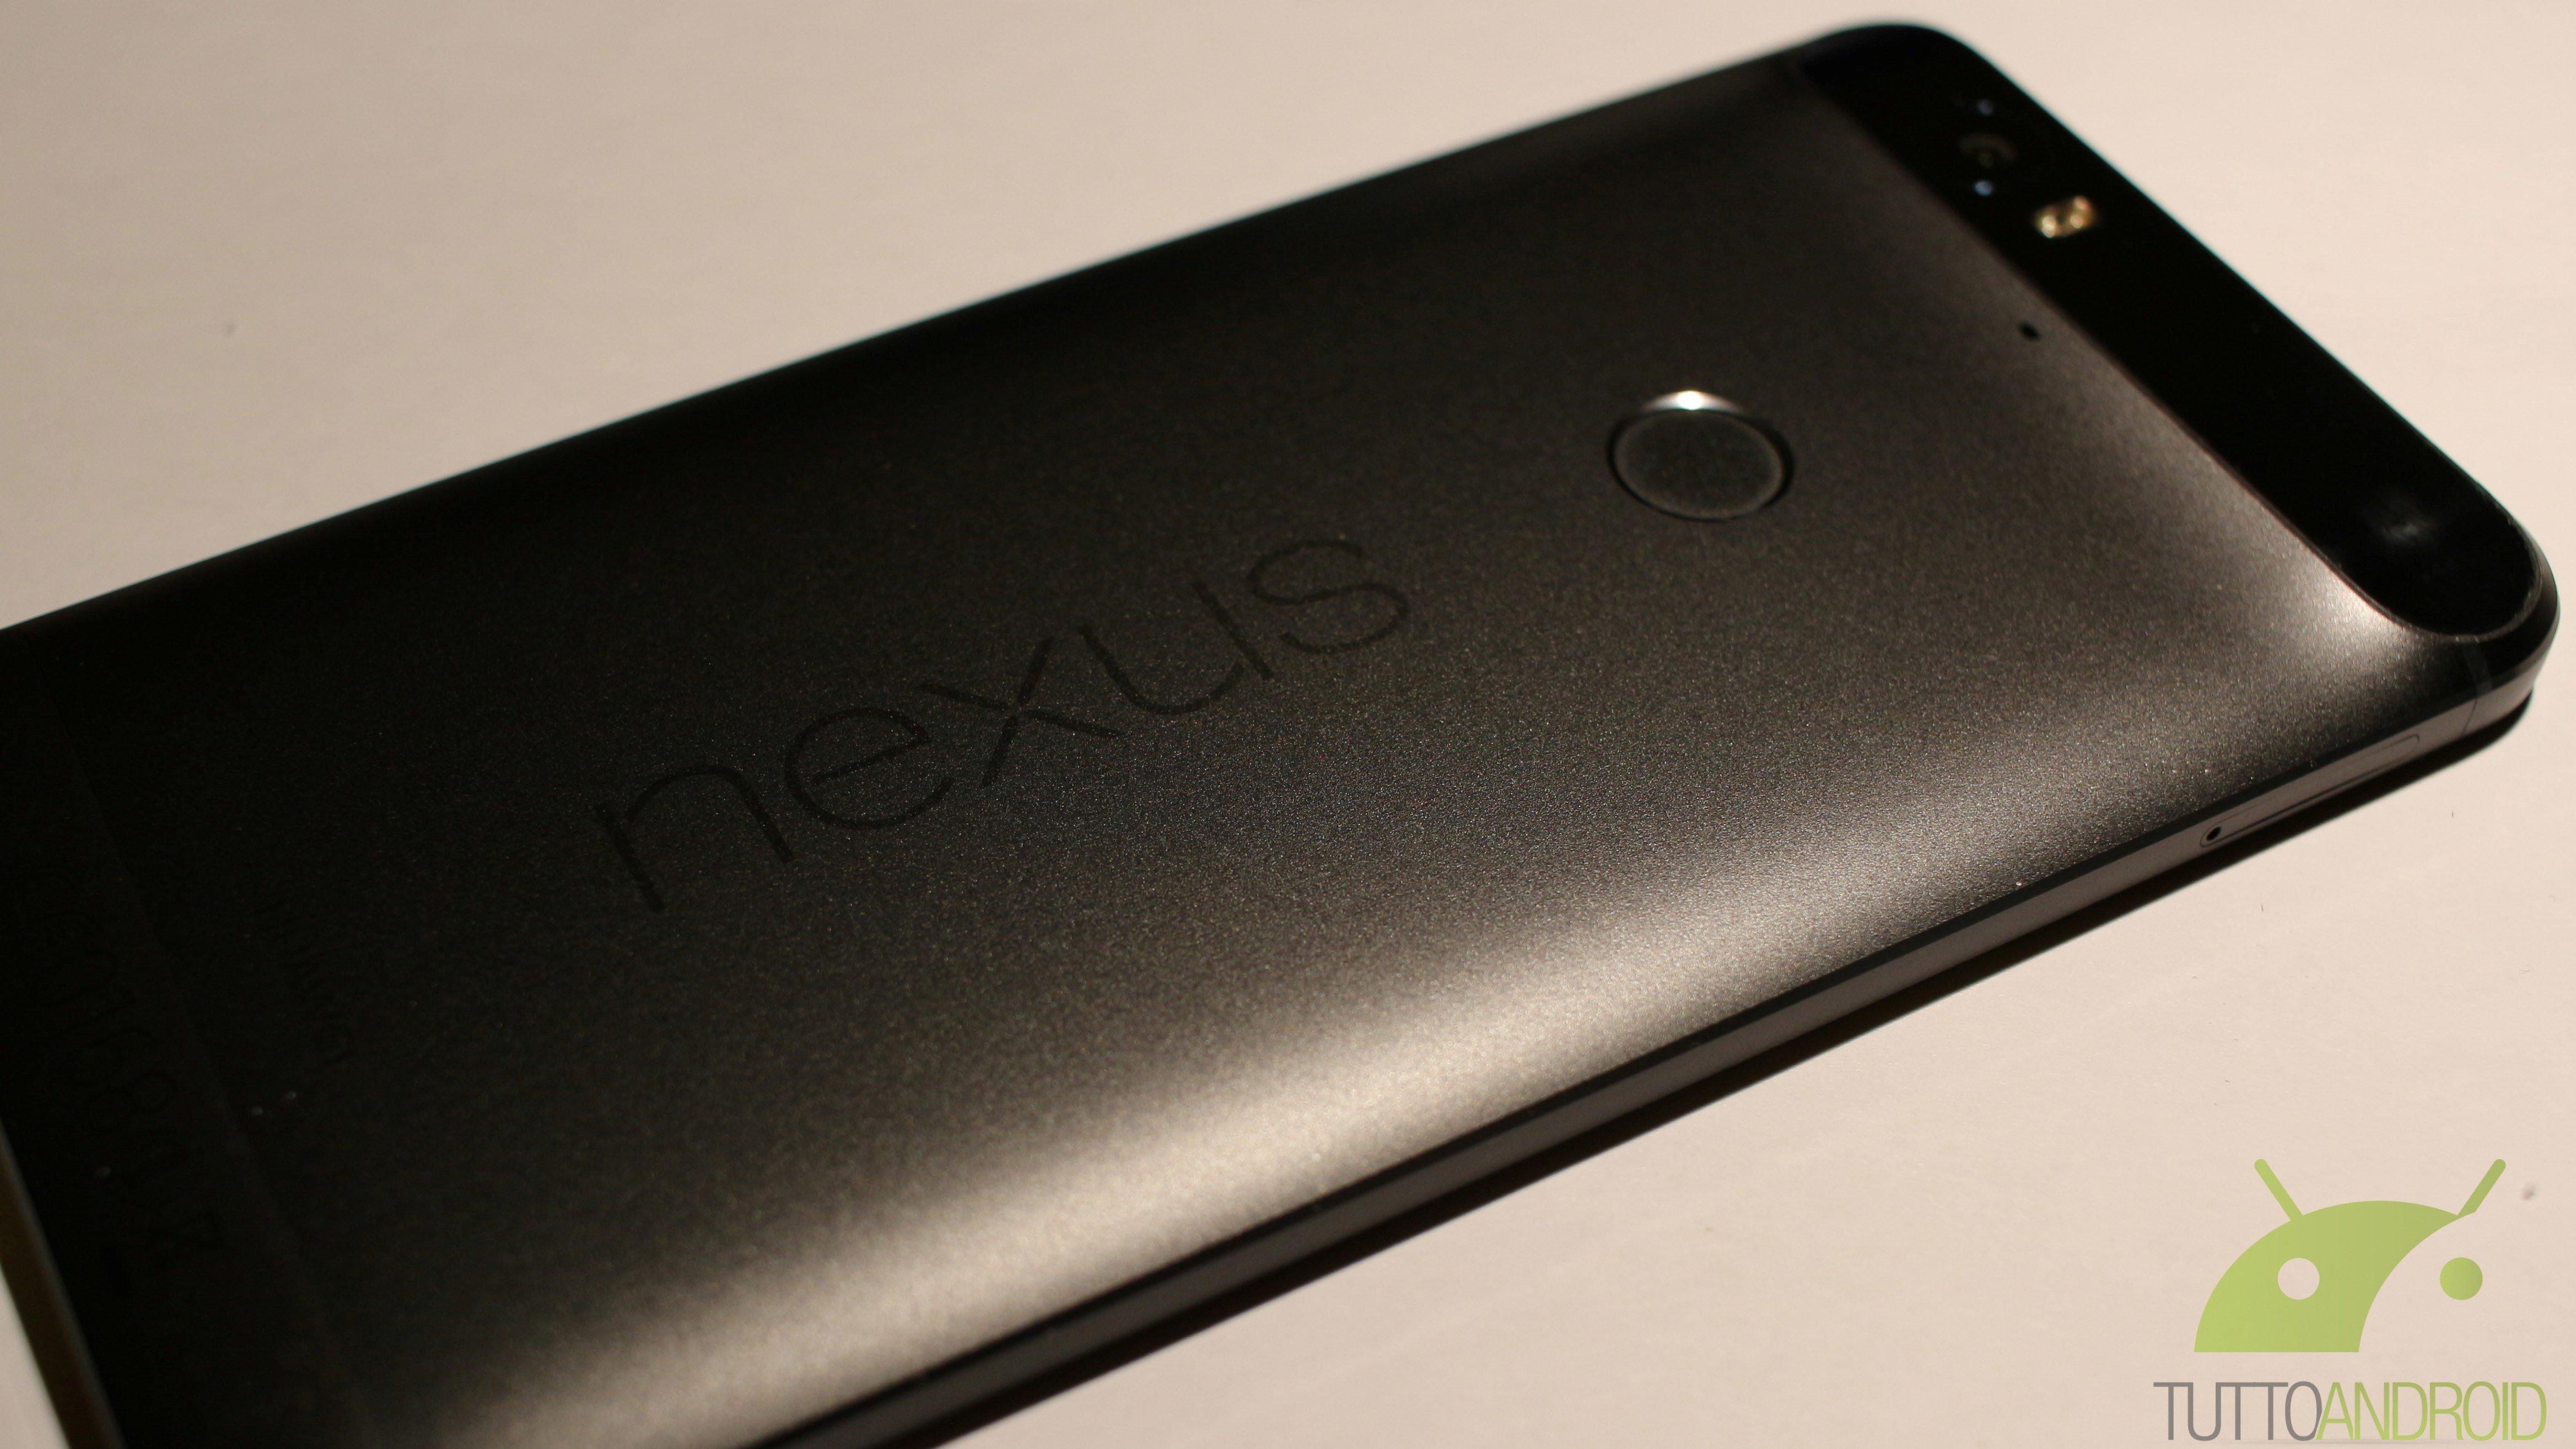 Motorola e Android 7.0 Nougat: lista ufficiale degli smartphone